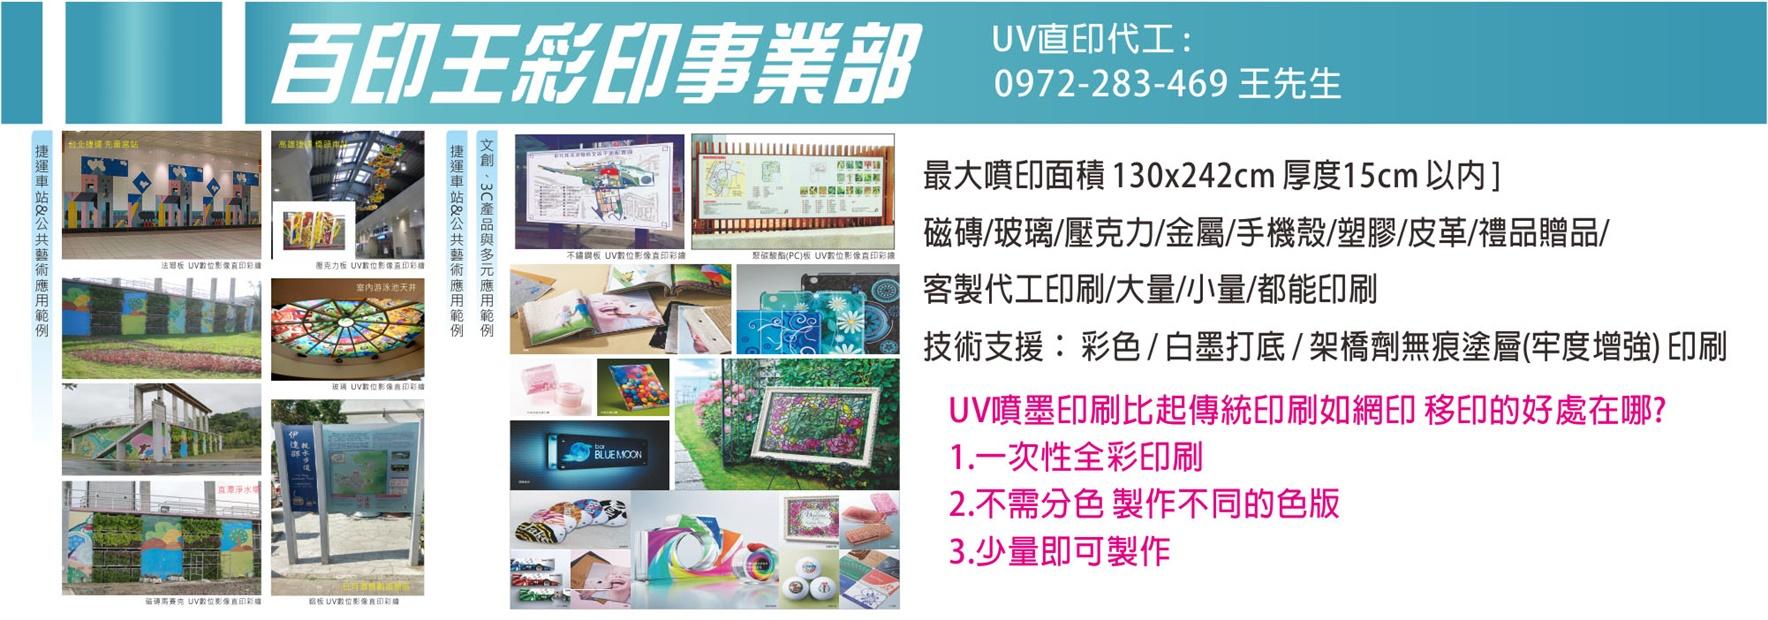 百印王UV噴印代工